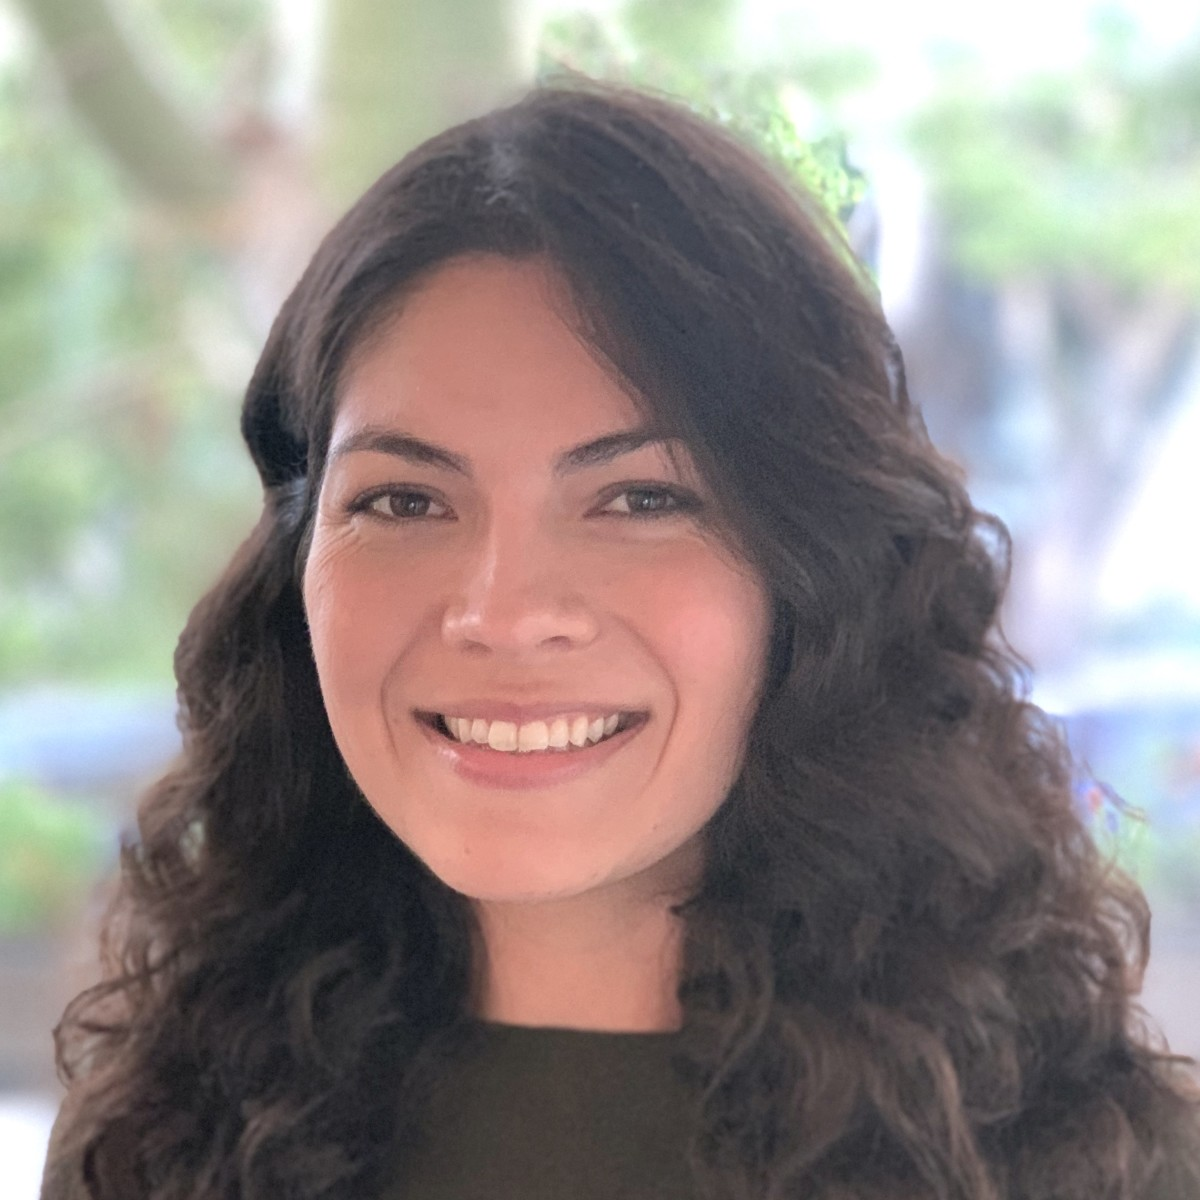 Alyssa Morones